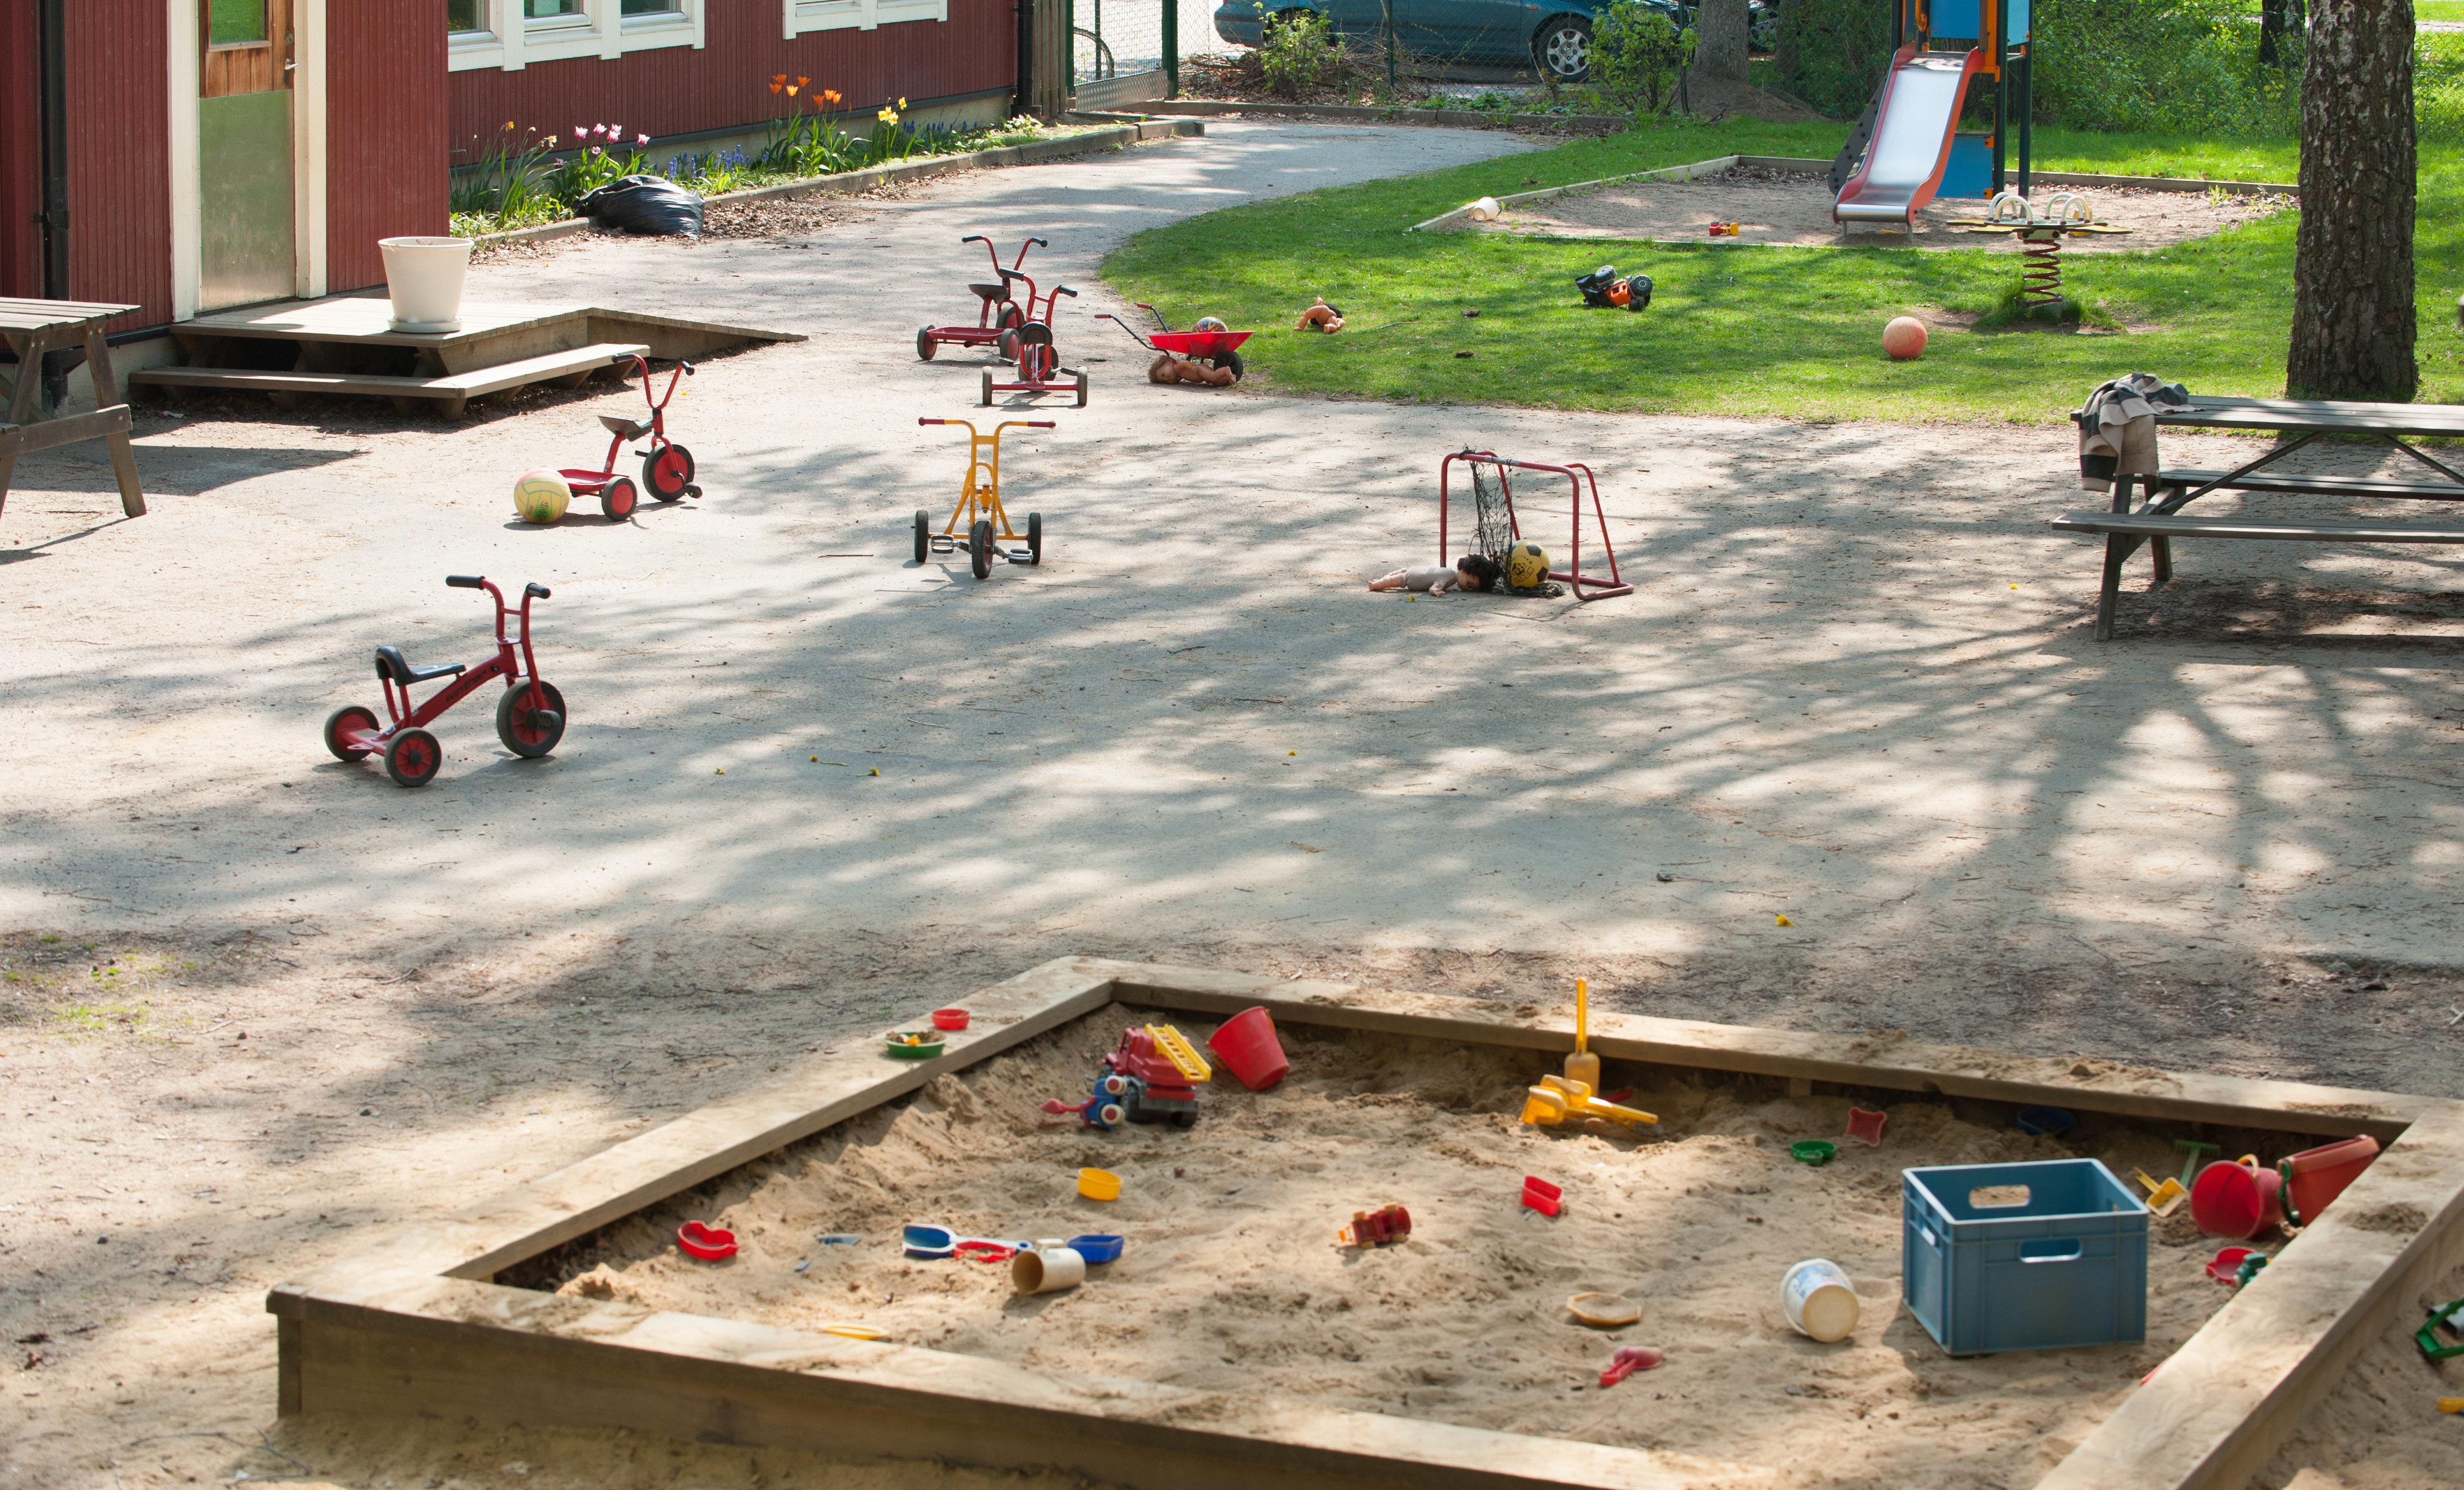 München: Rechtsradikaler terrorisiert Kindergärten mit